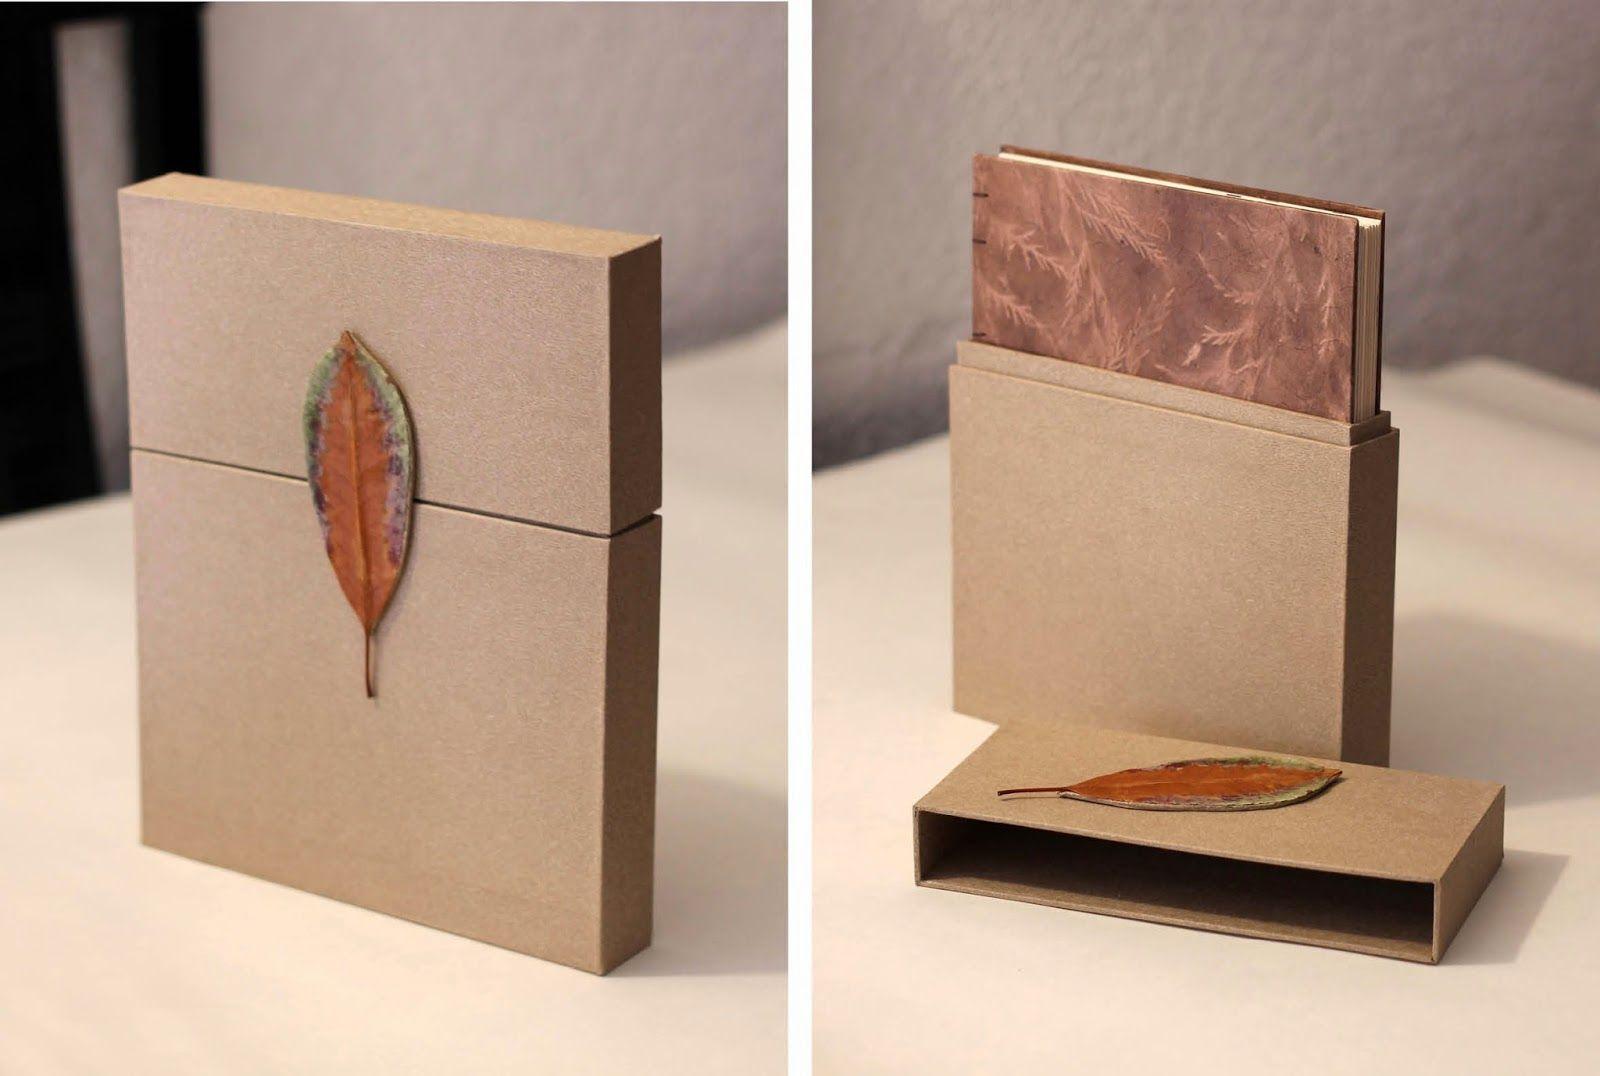 Relligat Encuadernación Y Diseño Encuadernacion Artesanal Libros Hechos A Mano Cajas De Libros